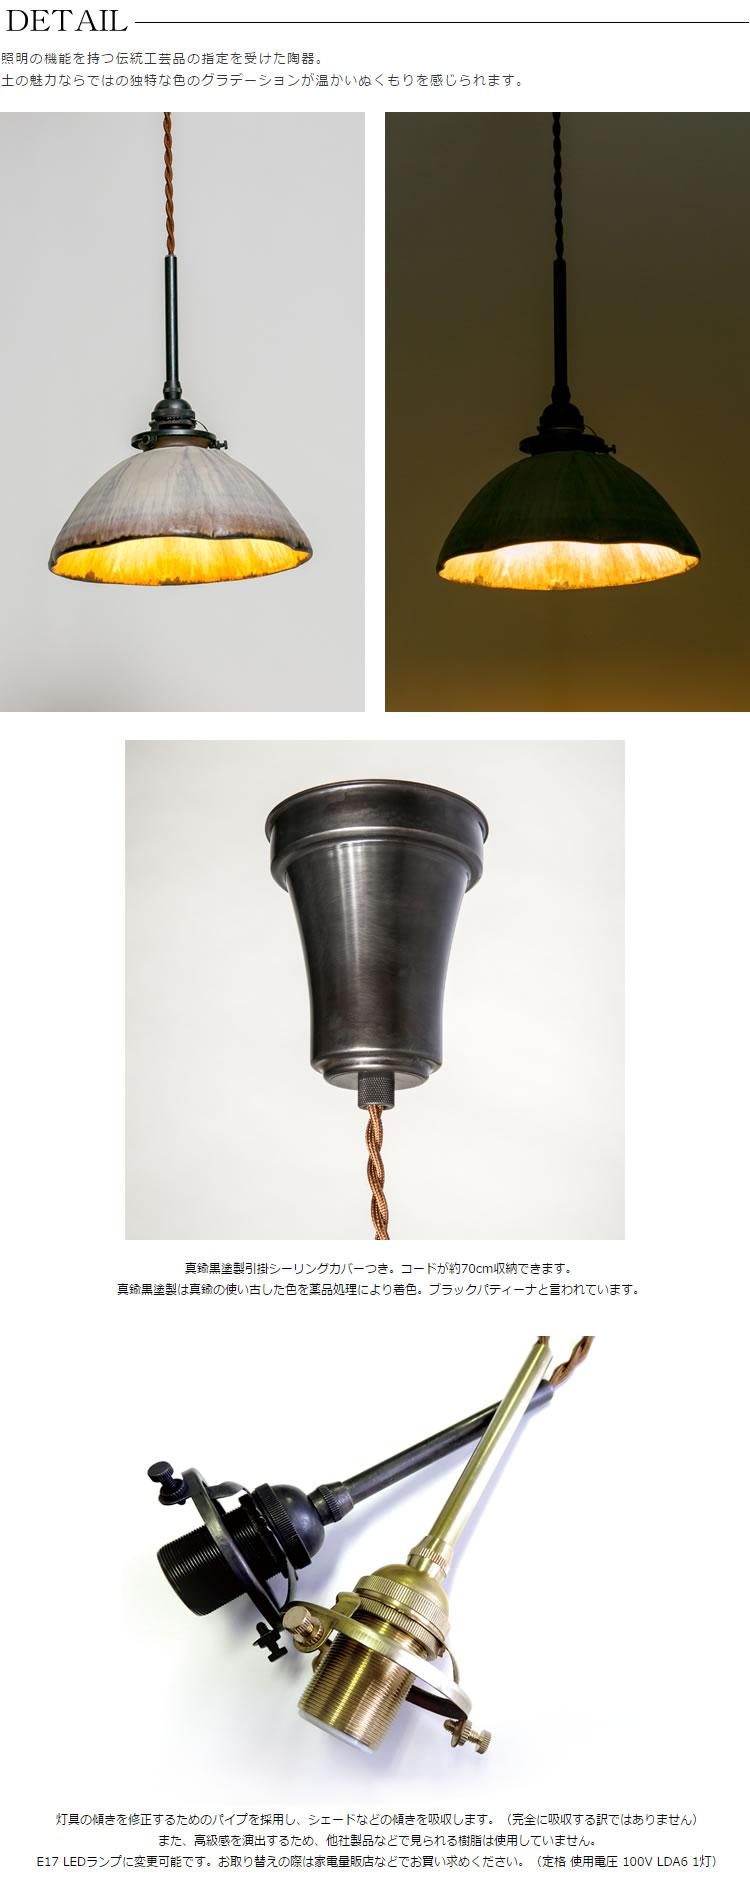 HASU(青模様陶器・引掛・真鍮黒染)